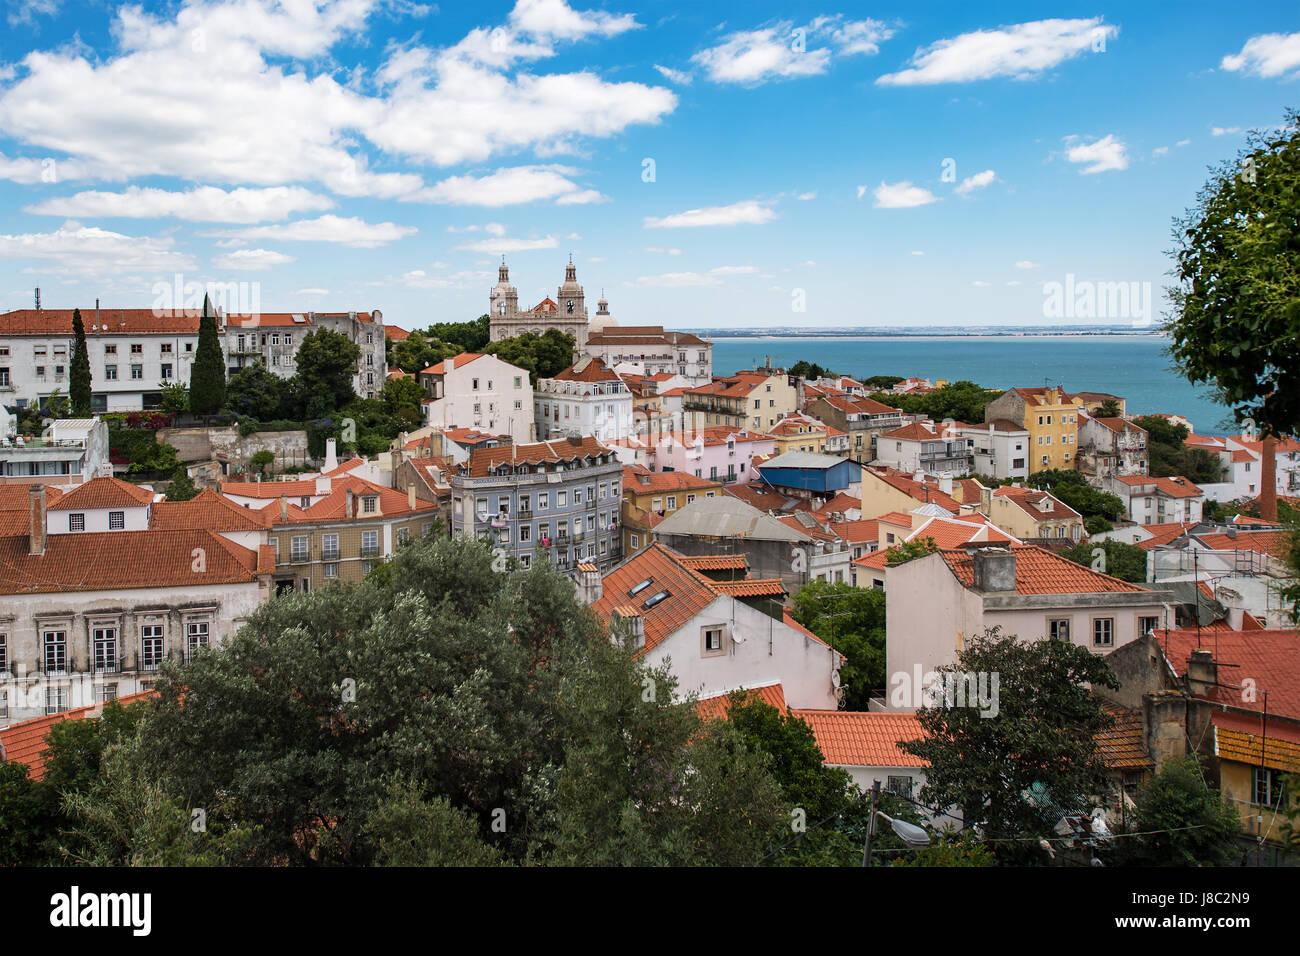 Luftaufnahme der Stadt Lissabon und Tejo mit roten Dächern und Sehenswürdigkeiten Stockbild